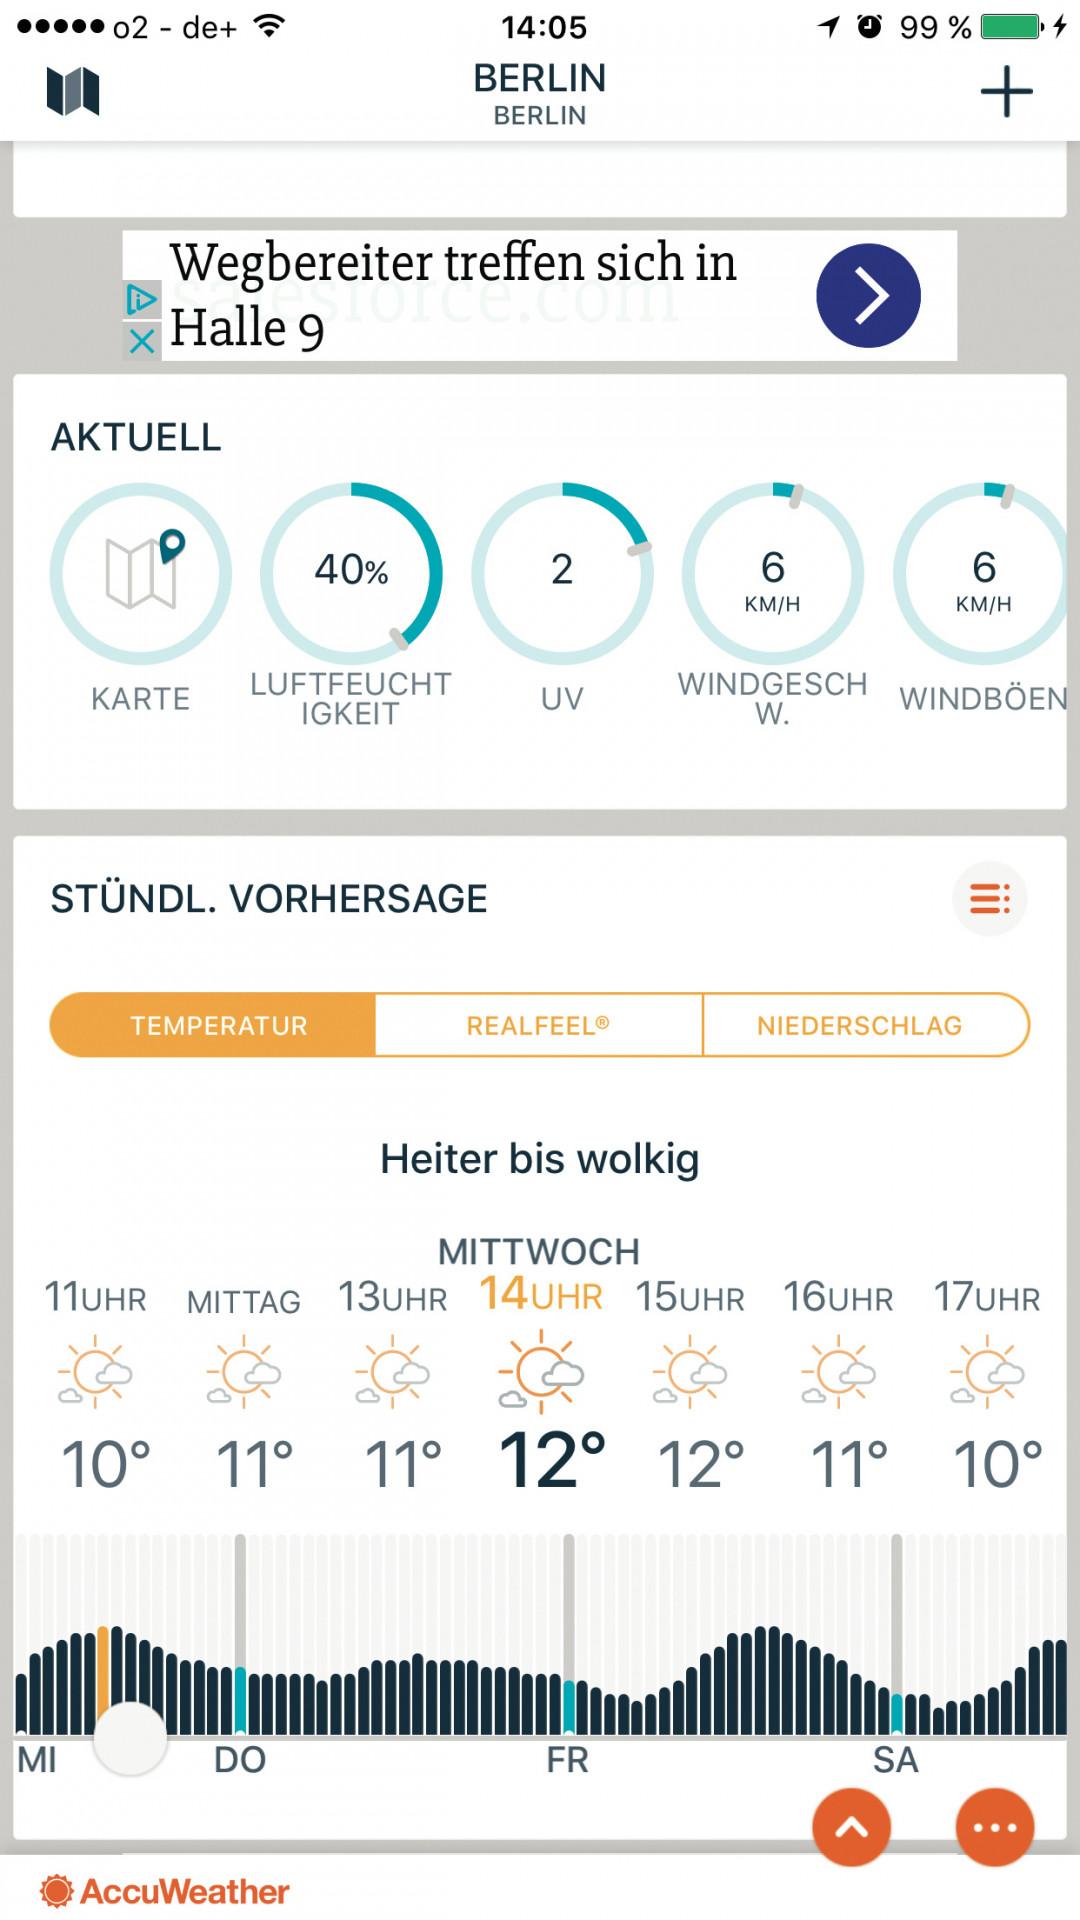 Wetter Apps Welche Lassen Sie Im Regen Stehen Welche Nicht Ct